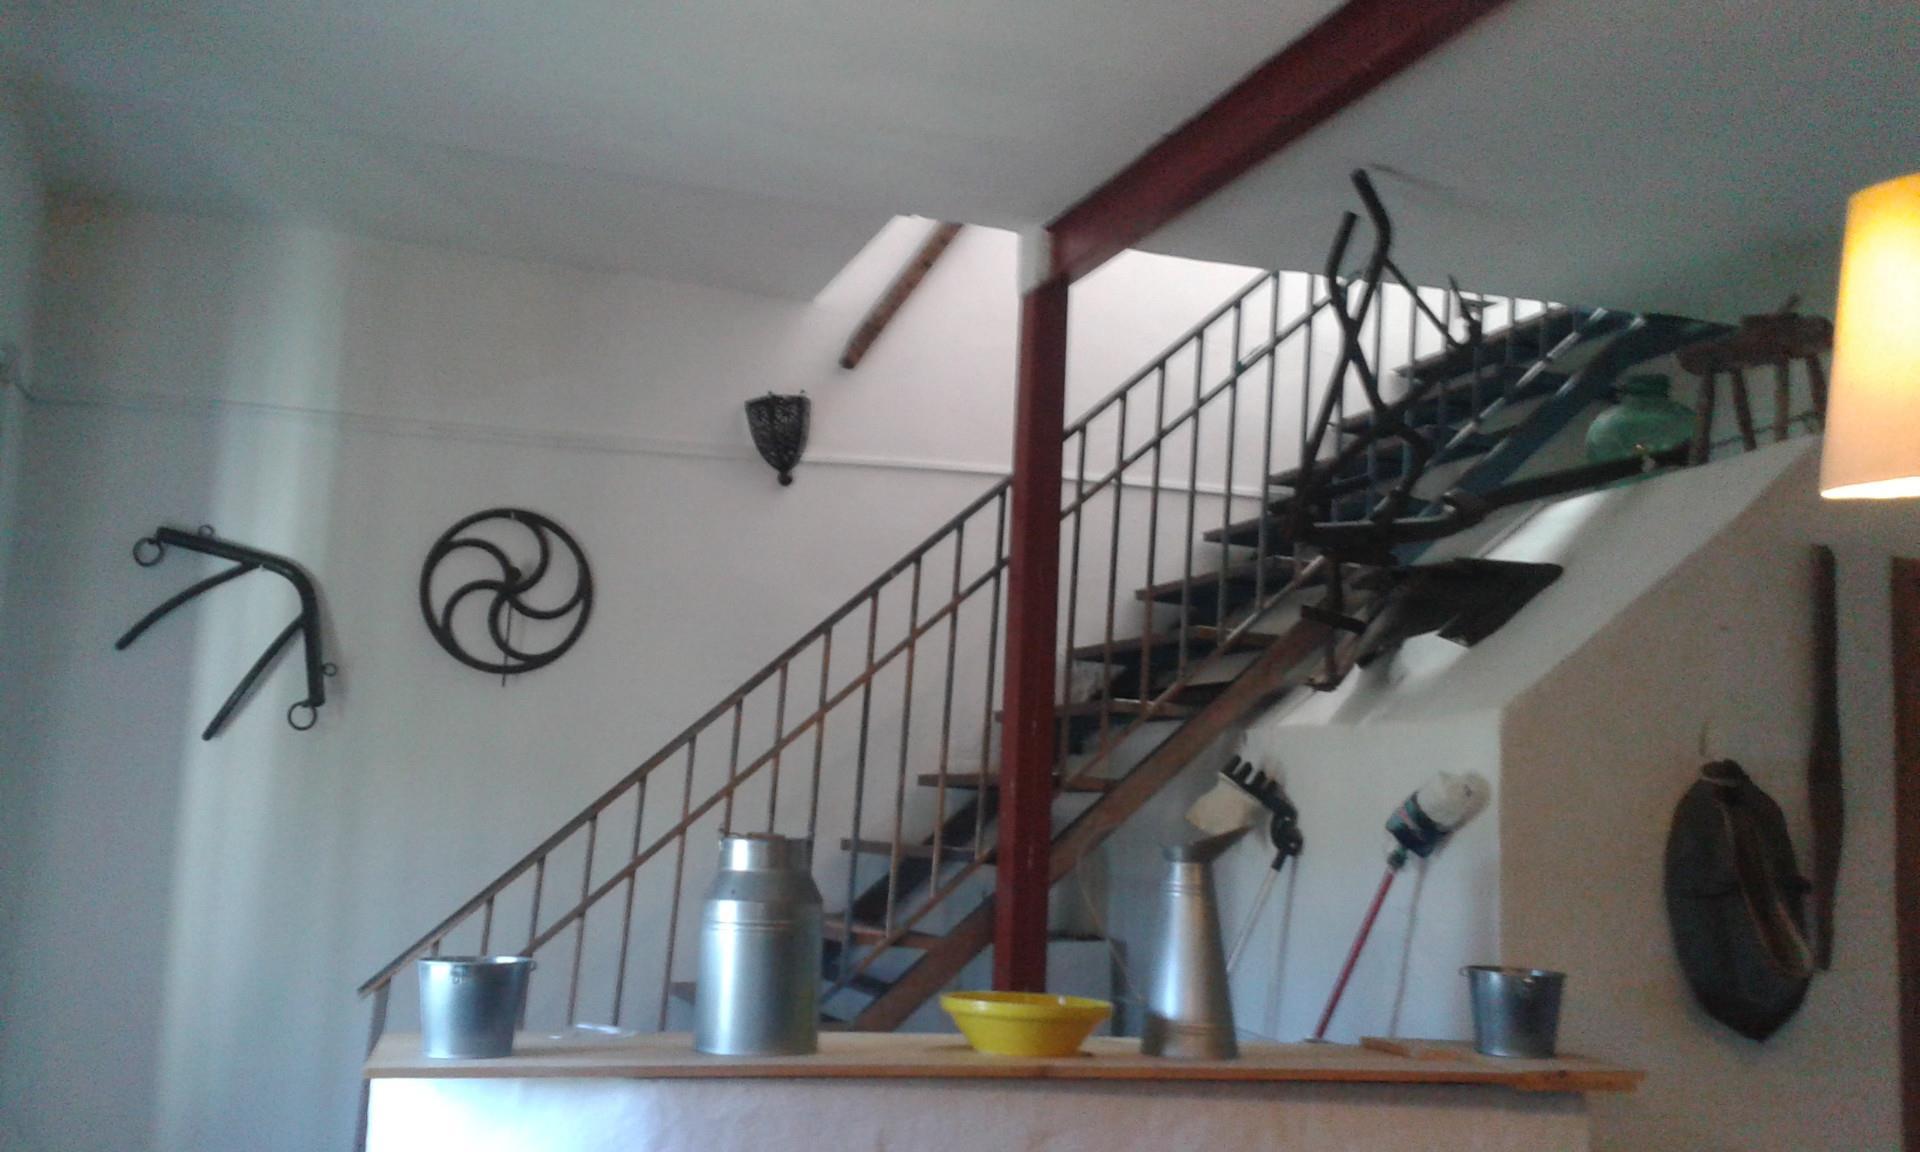 Finca rústica de alquiler en Villanueva de Algaidas (Villanueva de Algaidas, Málaga)